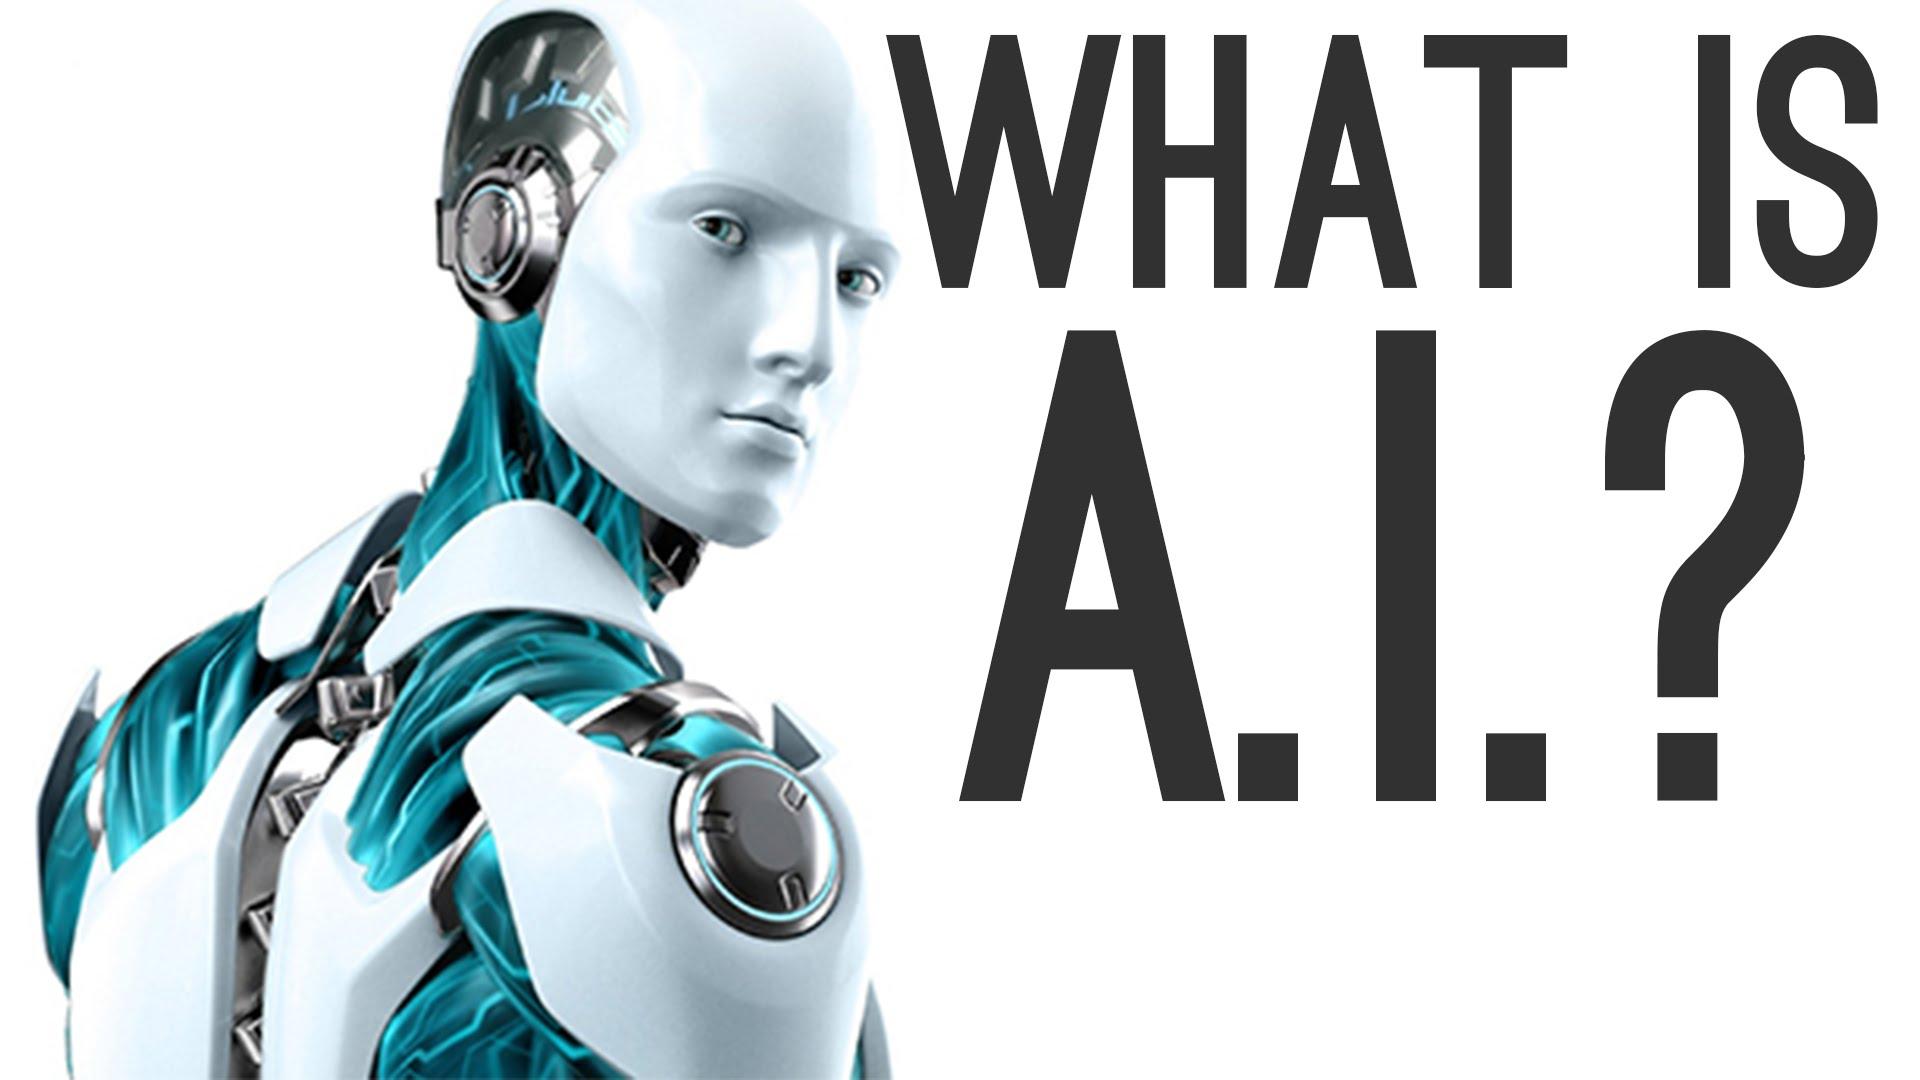 人工智能适用于所有企业么?